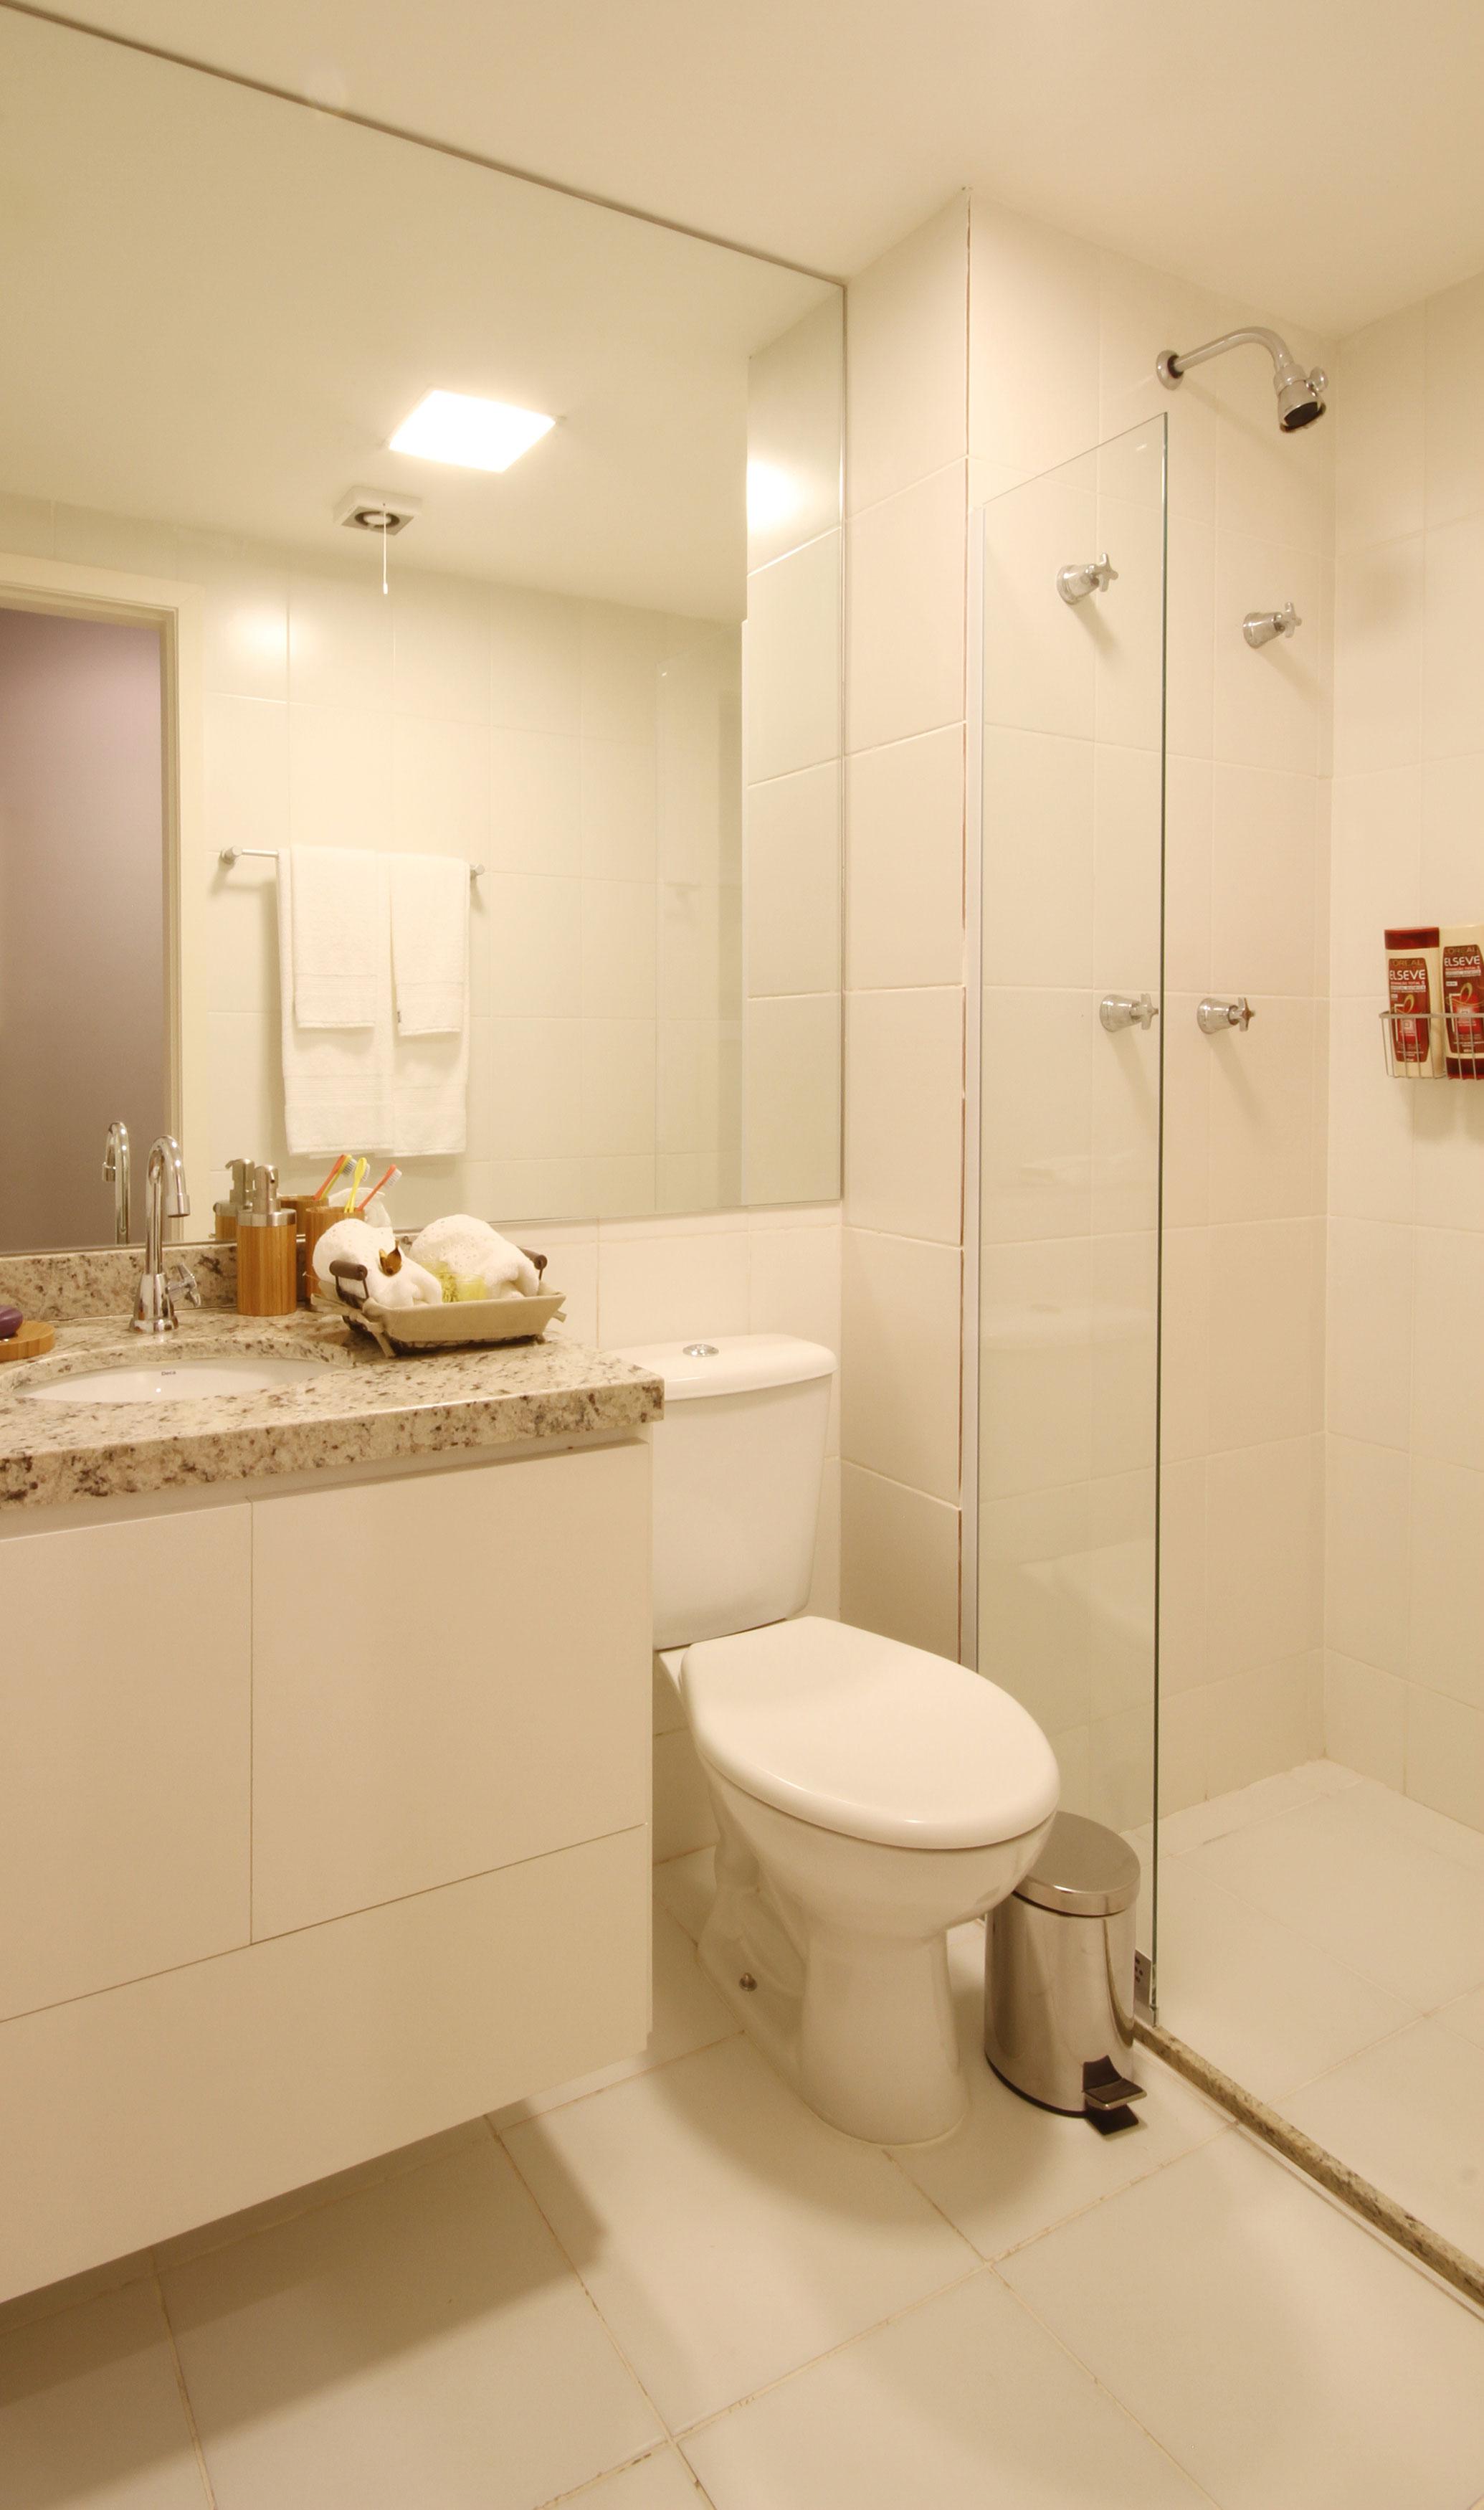 68,07 m² - Banheiro da suíte